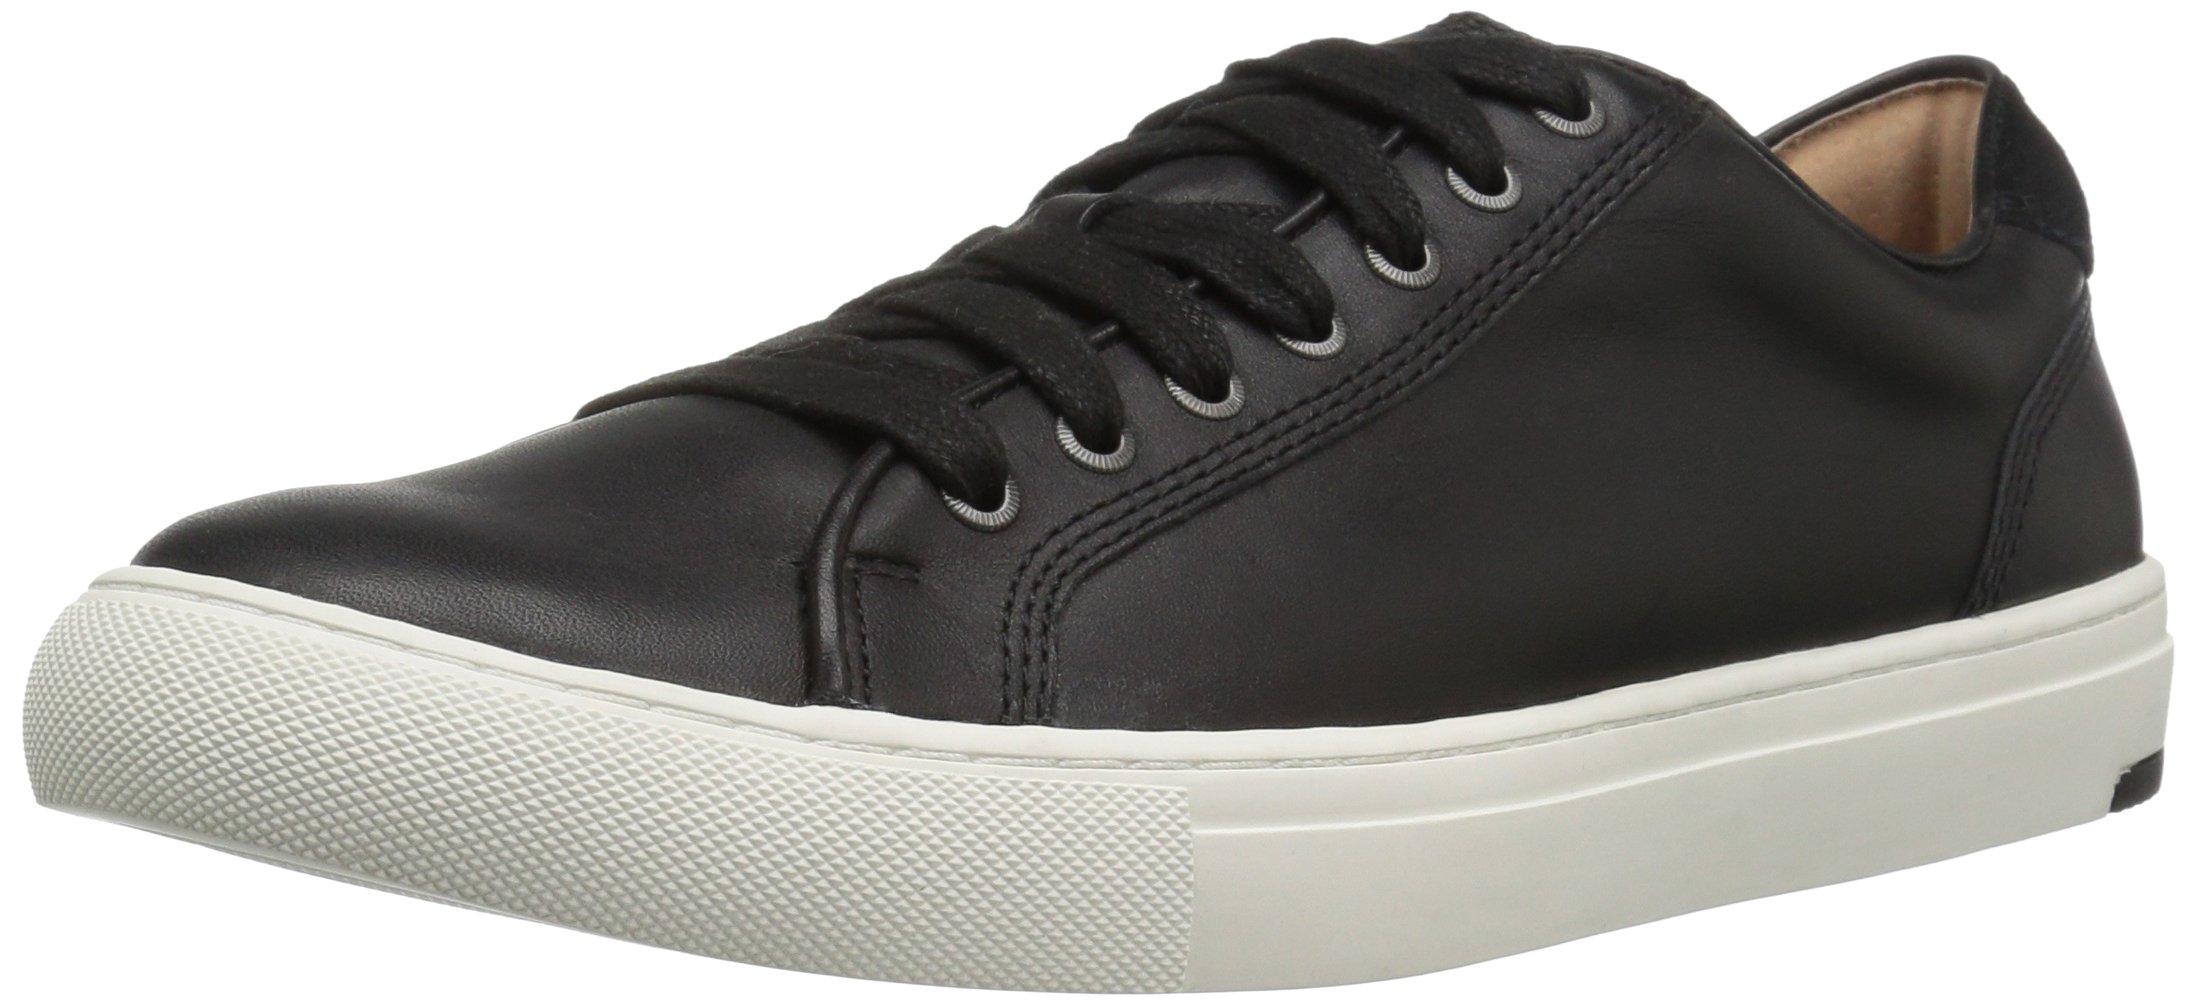 206 Collective Men's Prospect Lace-up Fashion Sneaker, Black, 9 D US